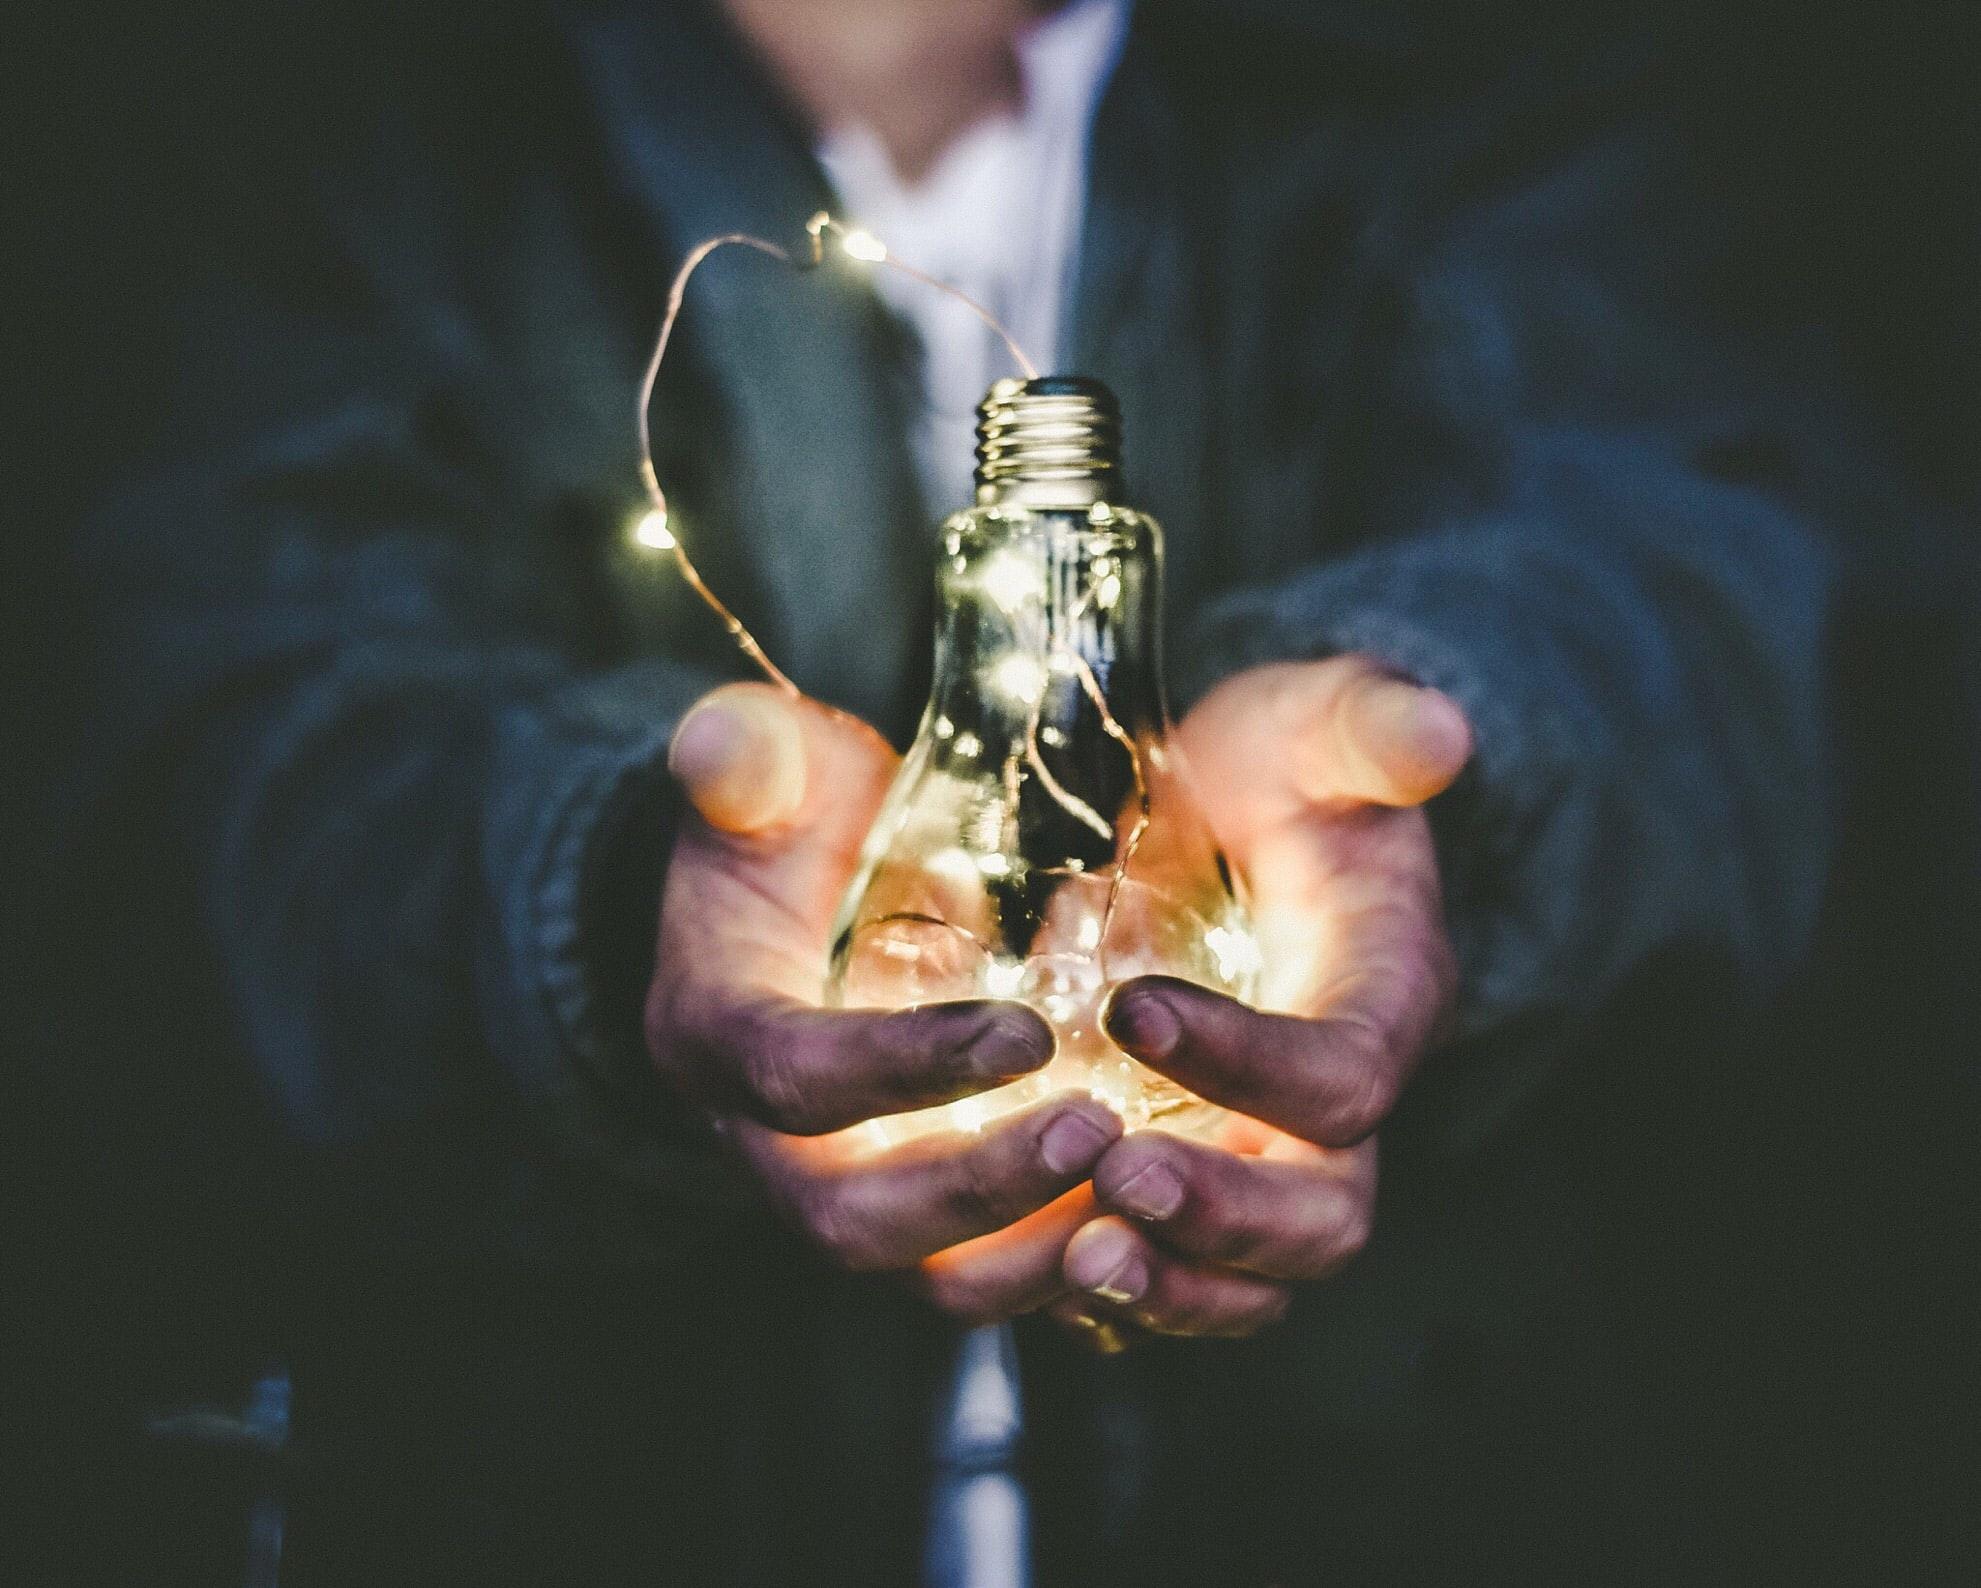 La importancia del propósito en una organización